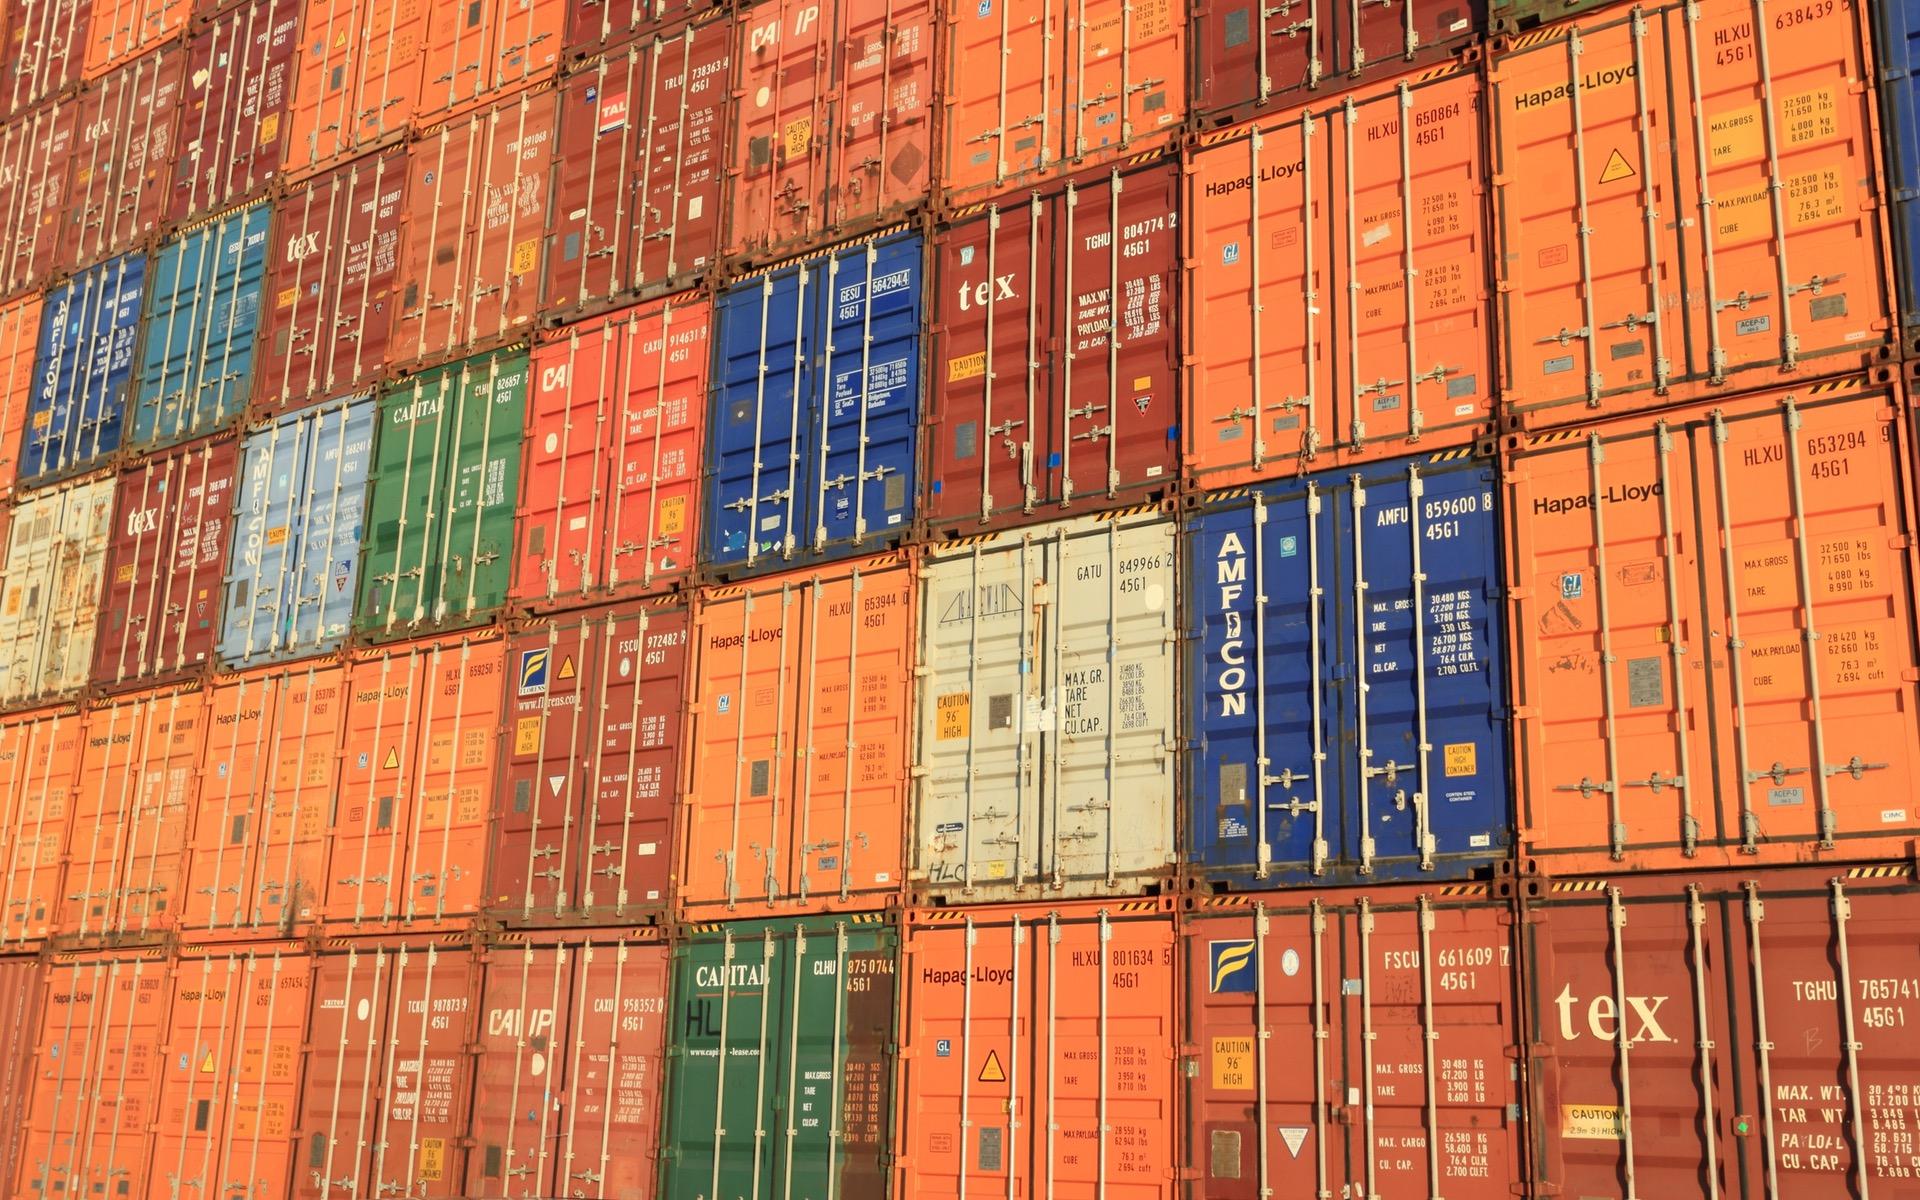 contenerdores-comercio-exterior-aduanas-Stock-Logistic